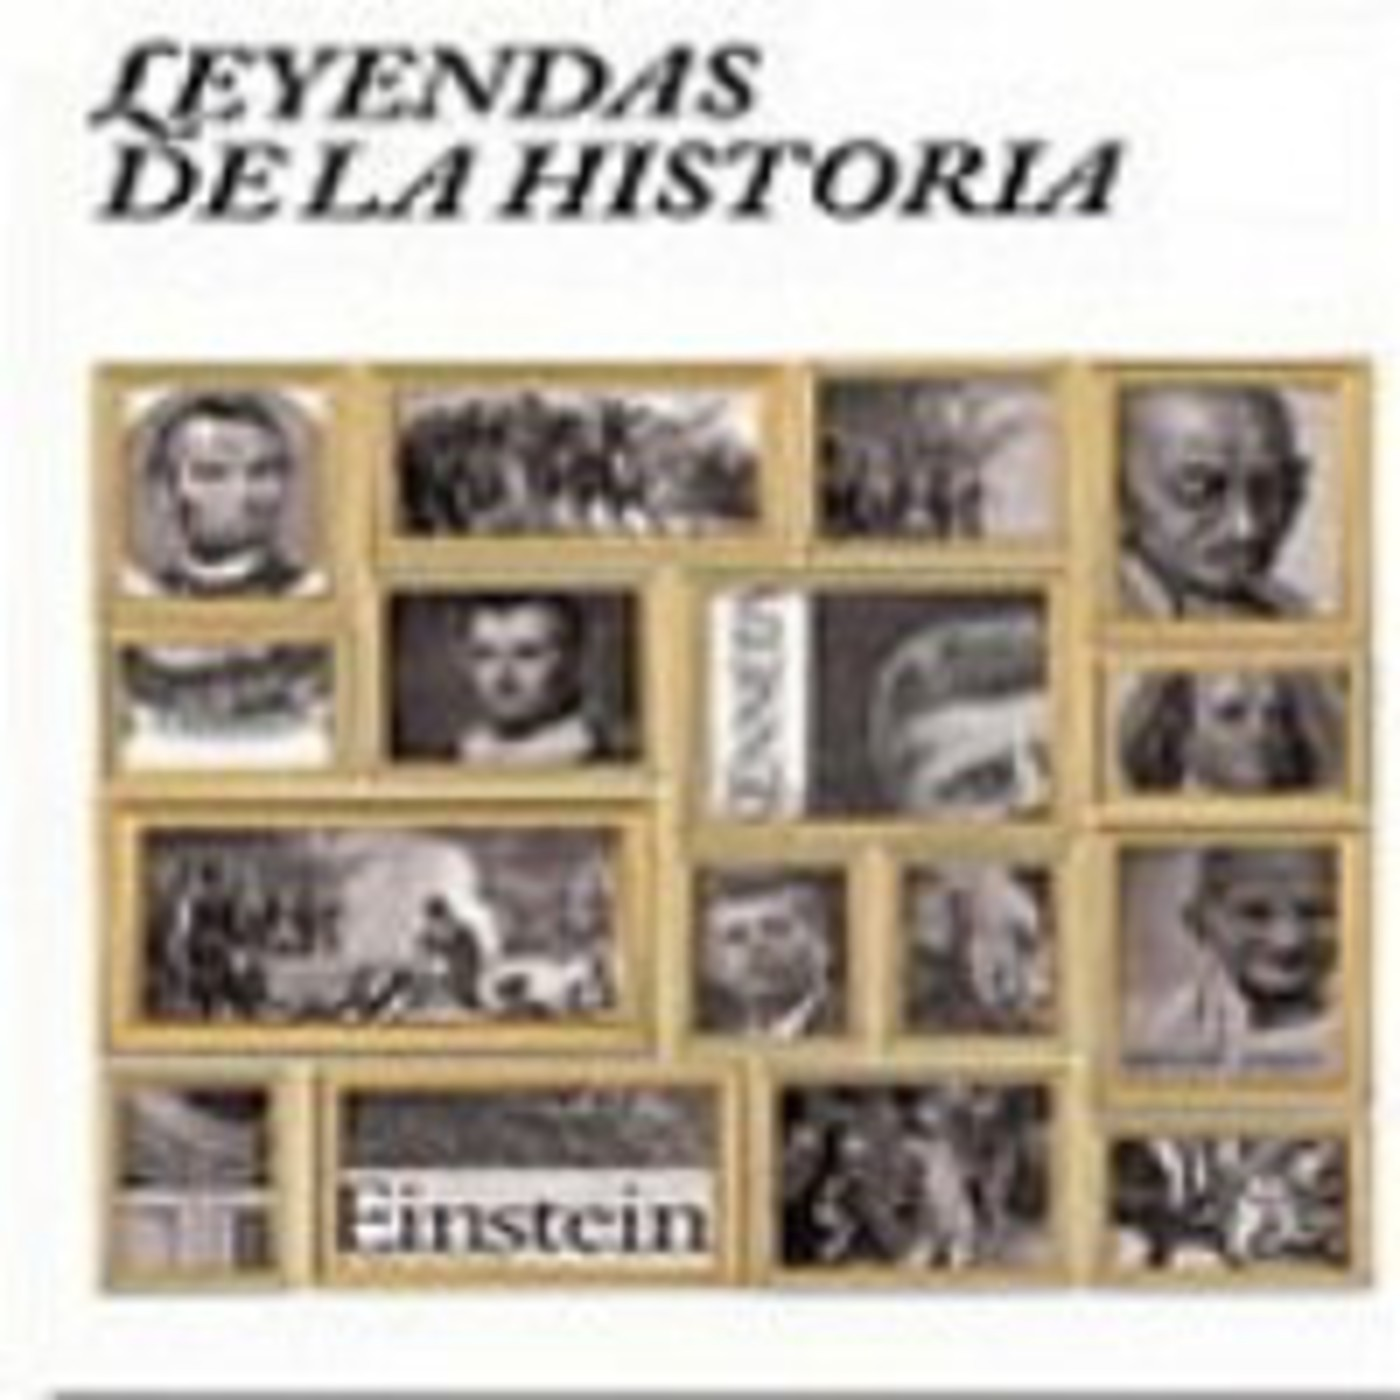 Leyendas de la Historia (serie completa)